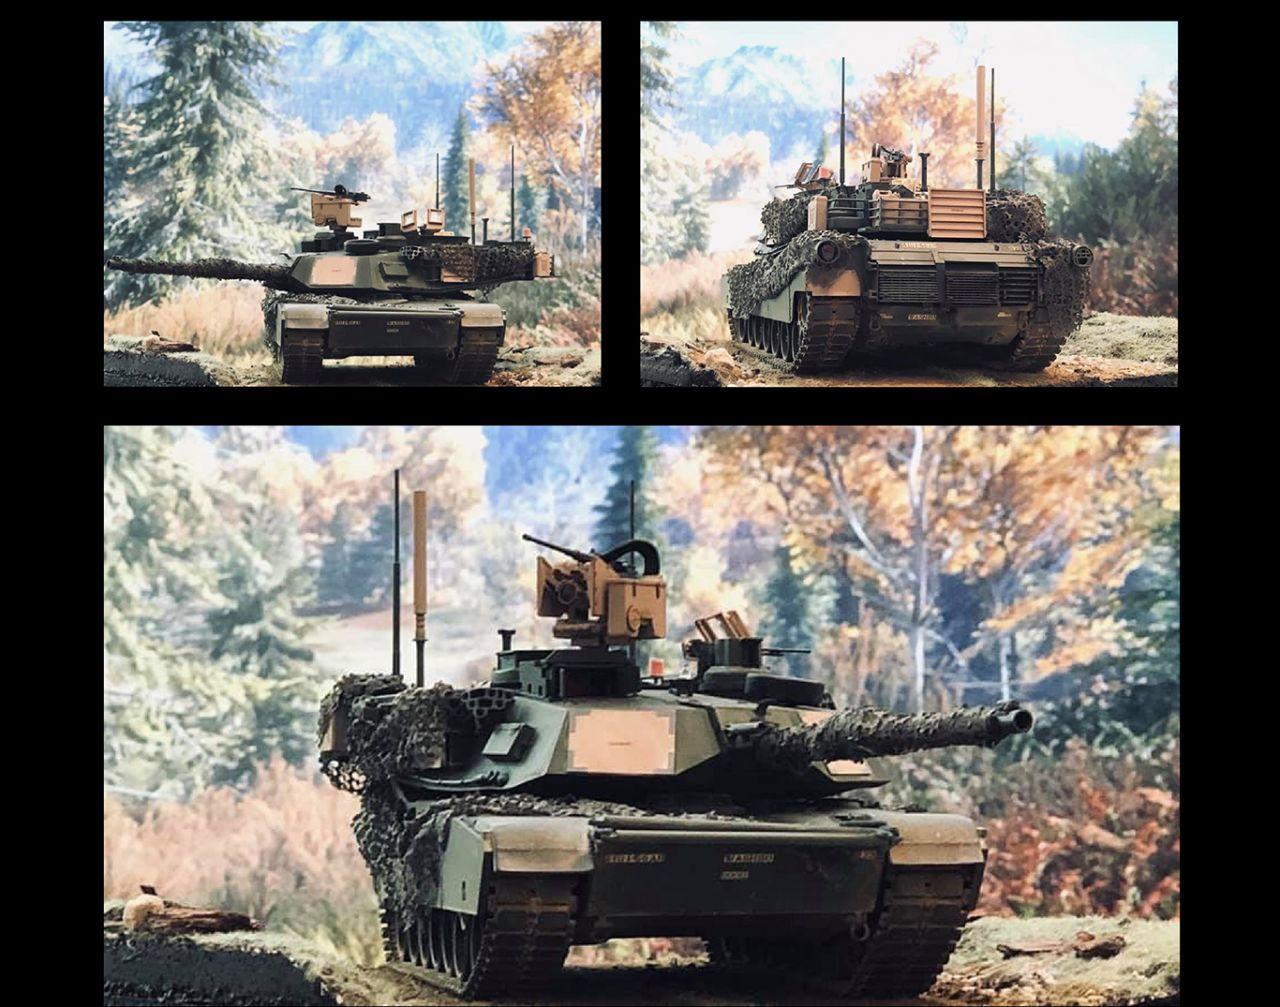 VOIIO Models 01101 M1A2 SEP V2 Abrams